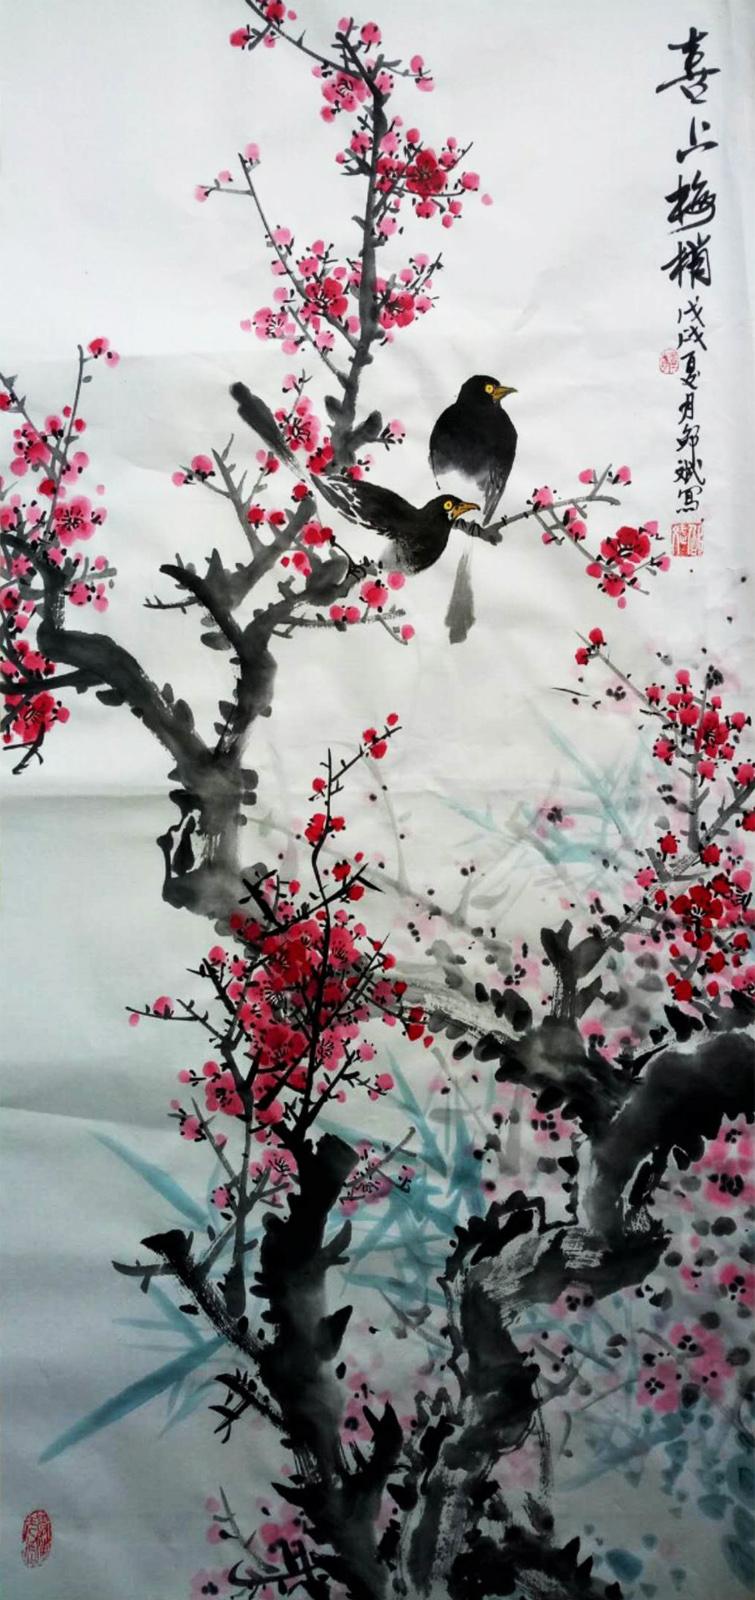 国画花鸟画 喜上眉梢 条幅 戊戌夏月